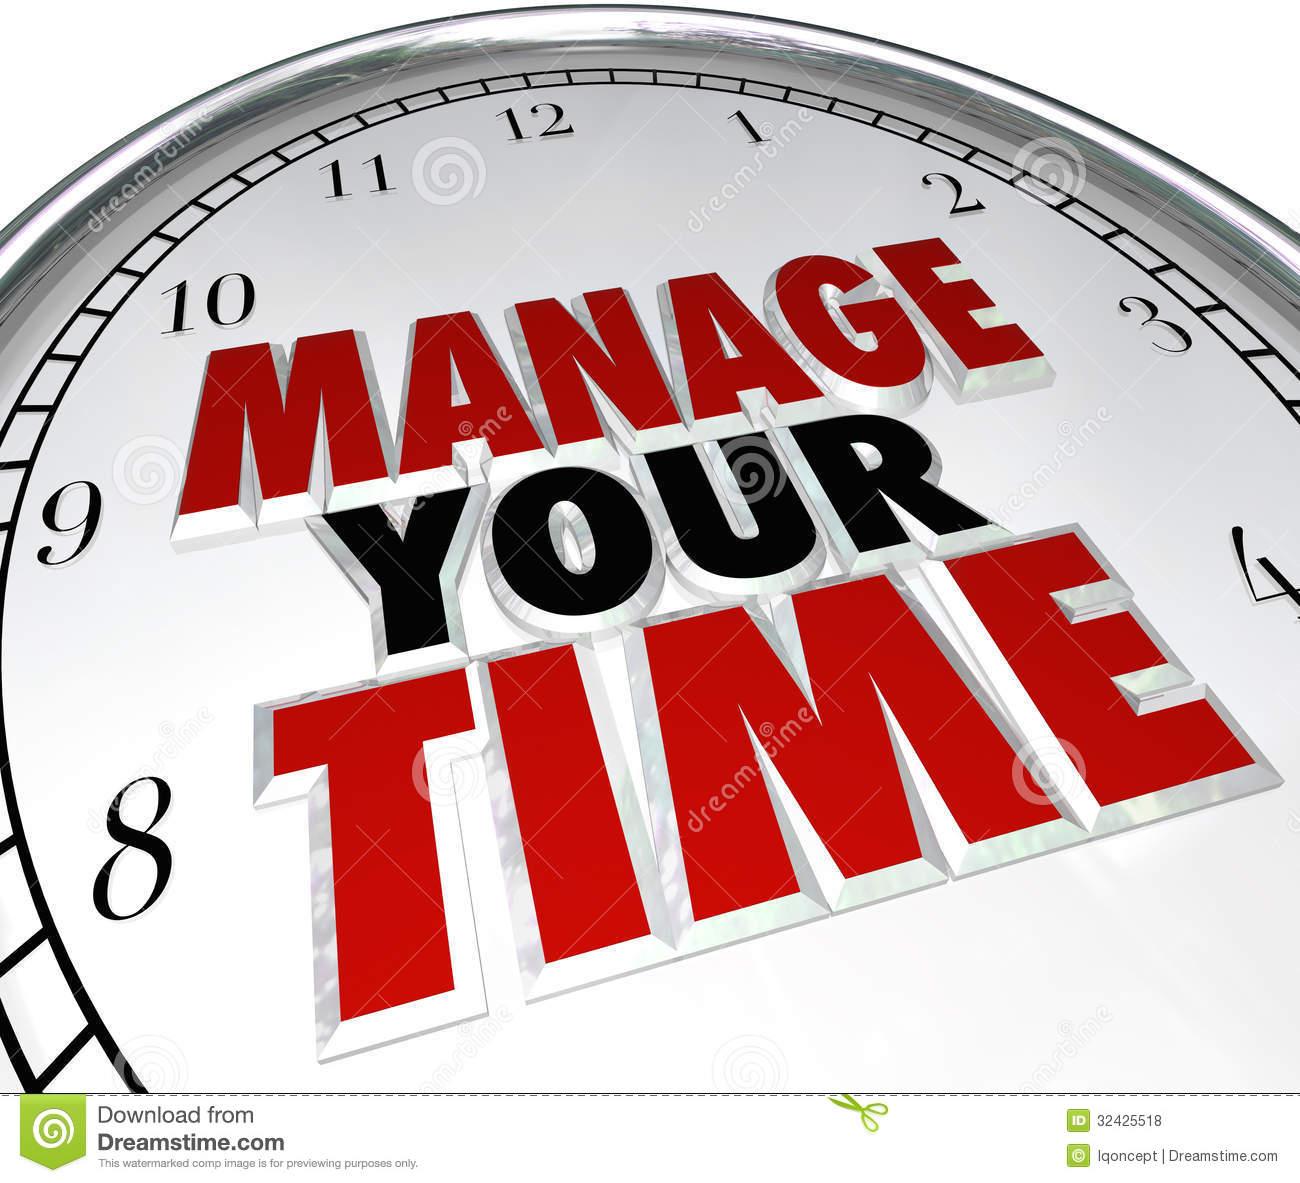 χρόνος, διαχείριση χρόνου